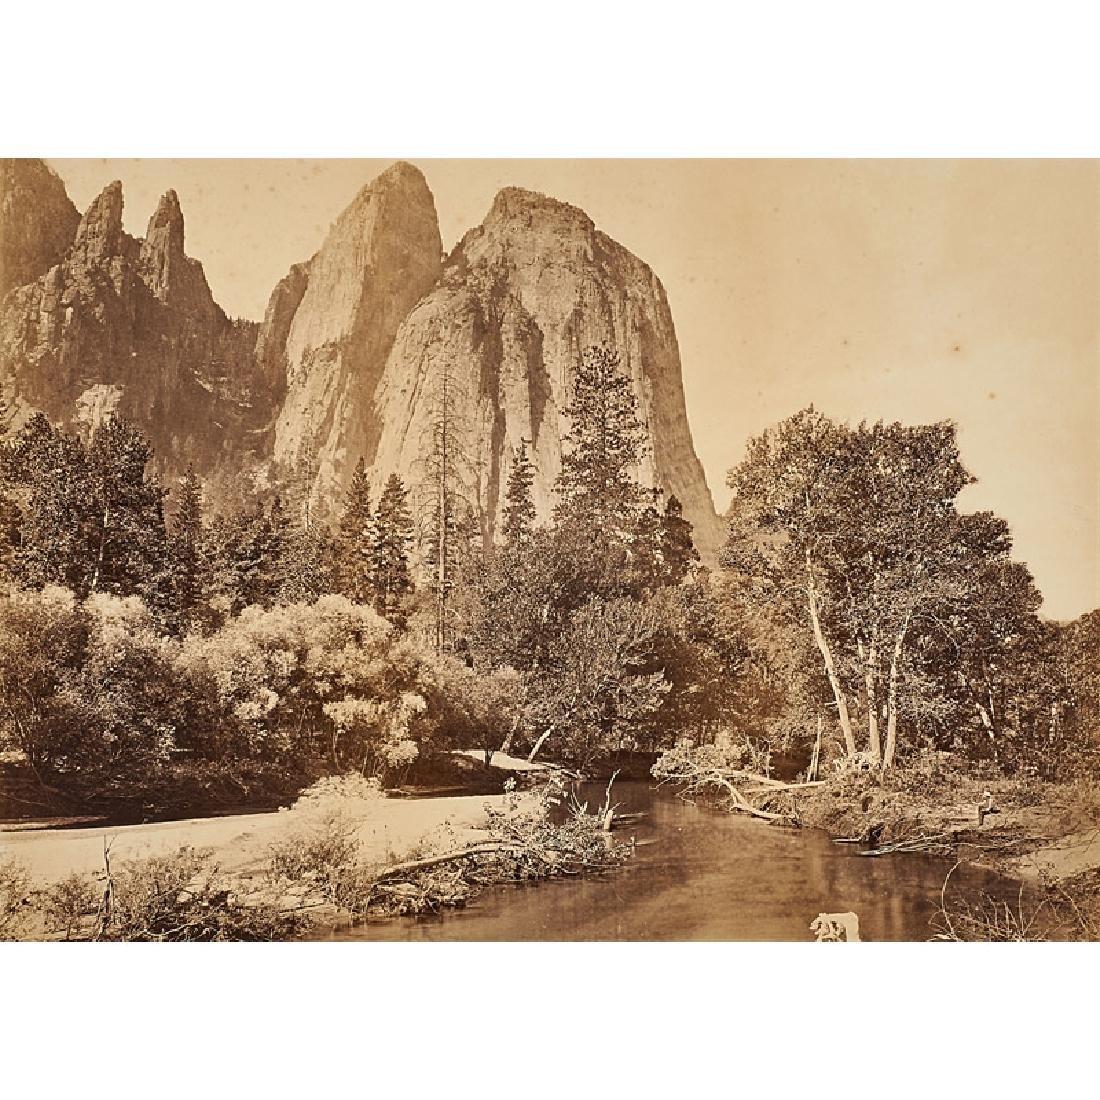 Eadweard Muybridge (British, 1830-1904)